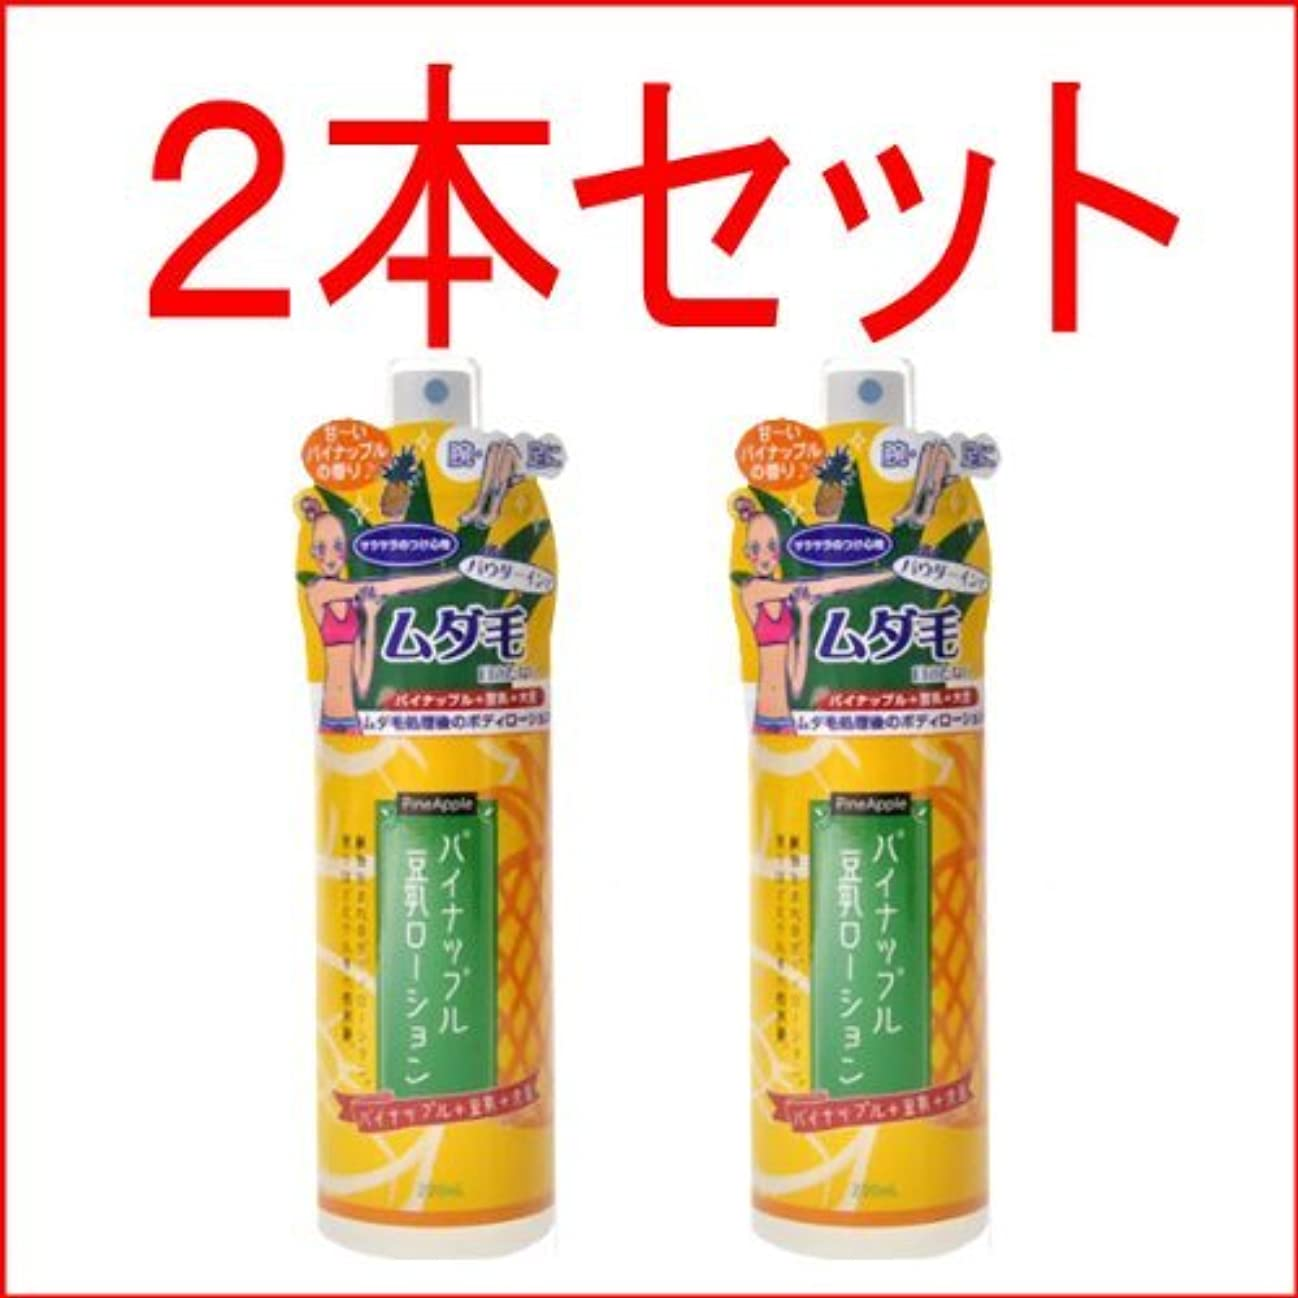 させるバラエティ半ばパイナップル豆乳ローション2本セット【ムダ毛処理後専用ボディーローション】